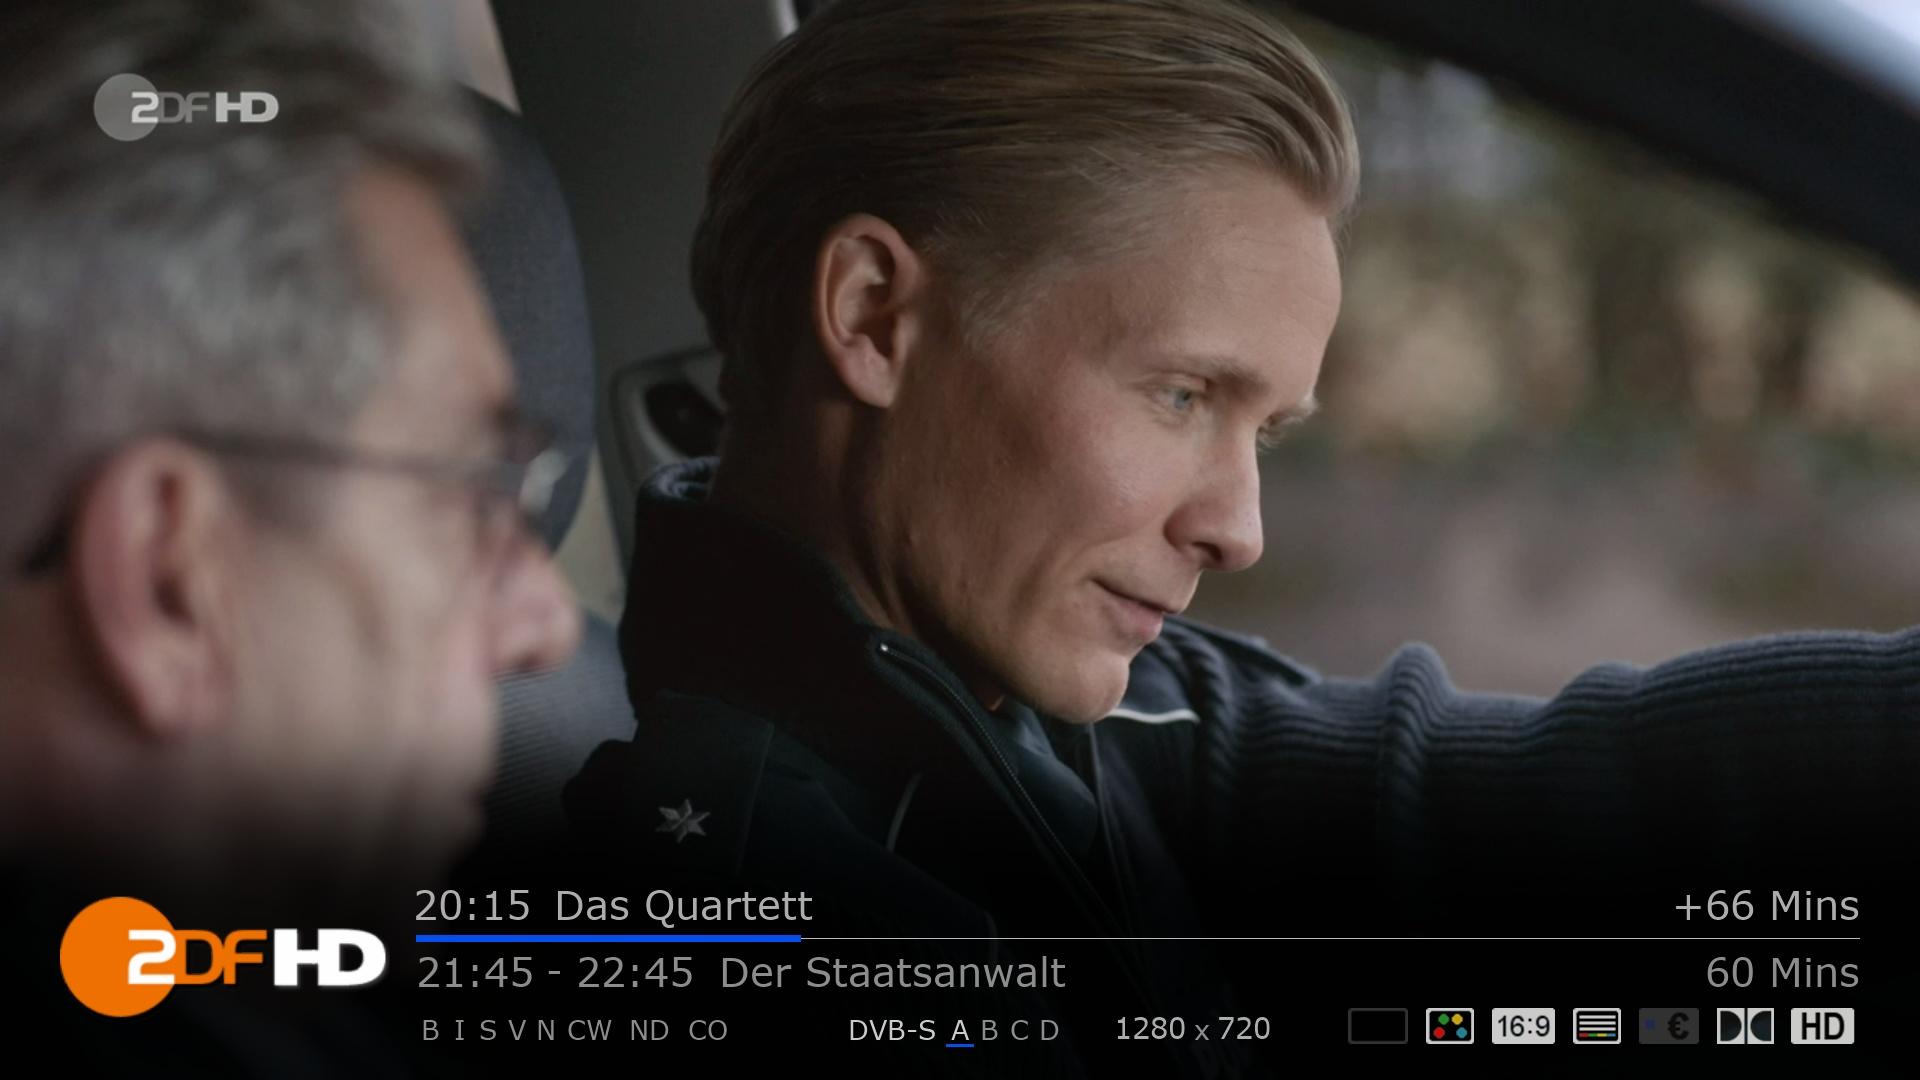 [BACKUP] OpenATV 6.4 for GIGABLUE QUAD 4K UHD (DM4K)  Openatv64-gbquad4k-3